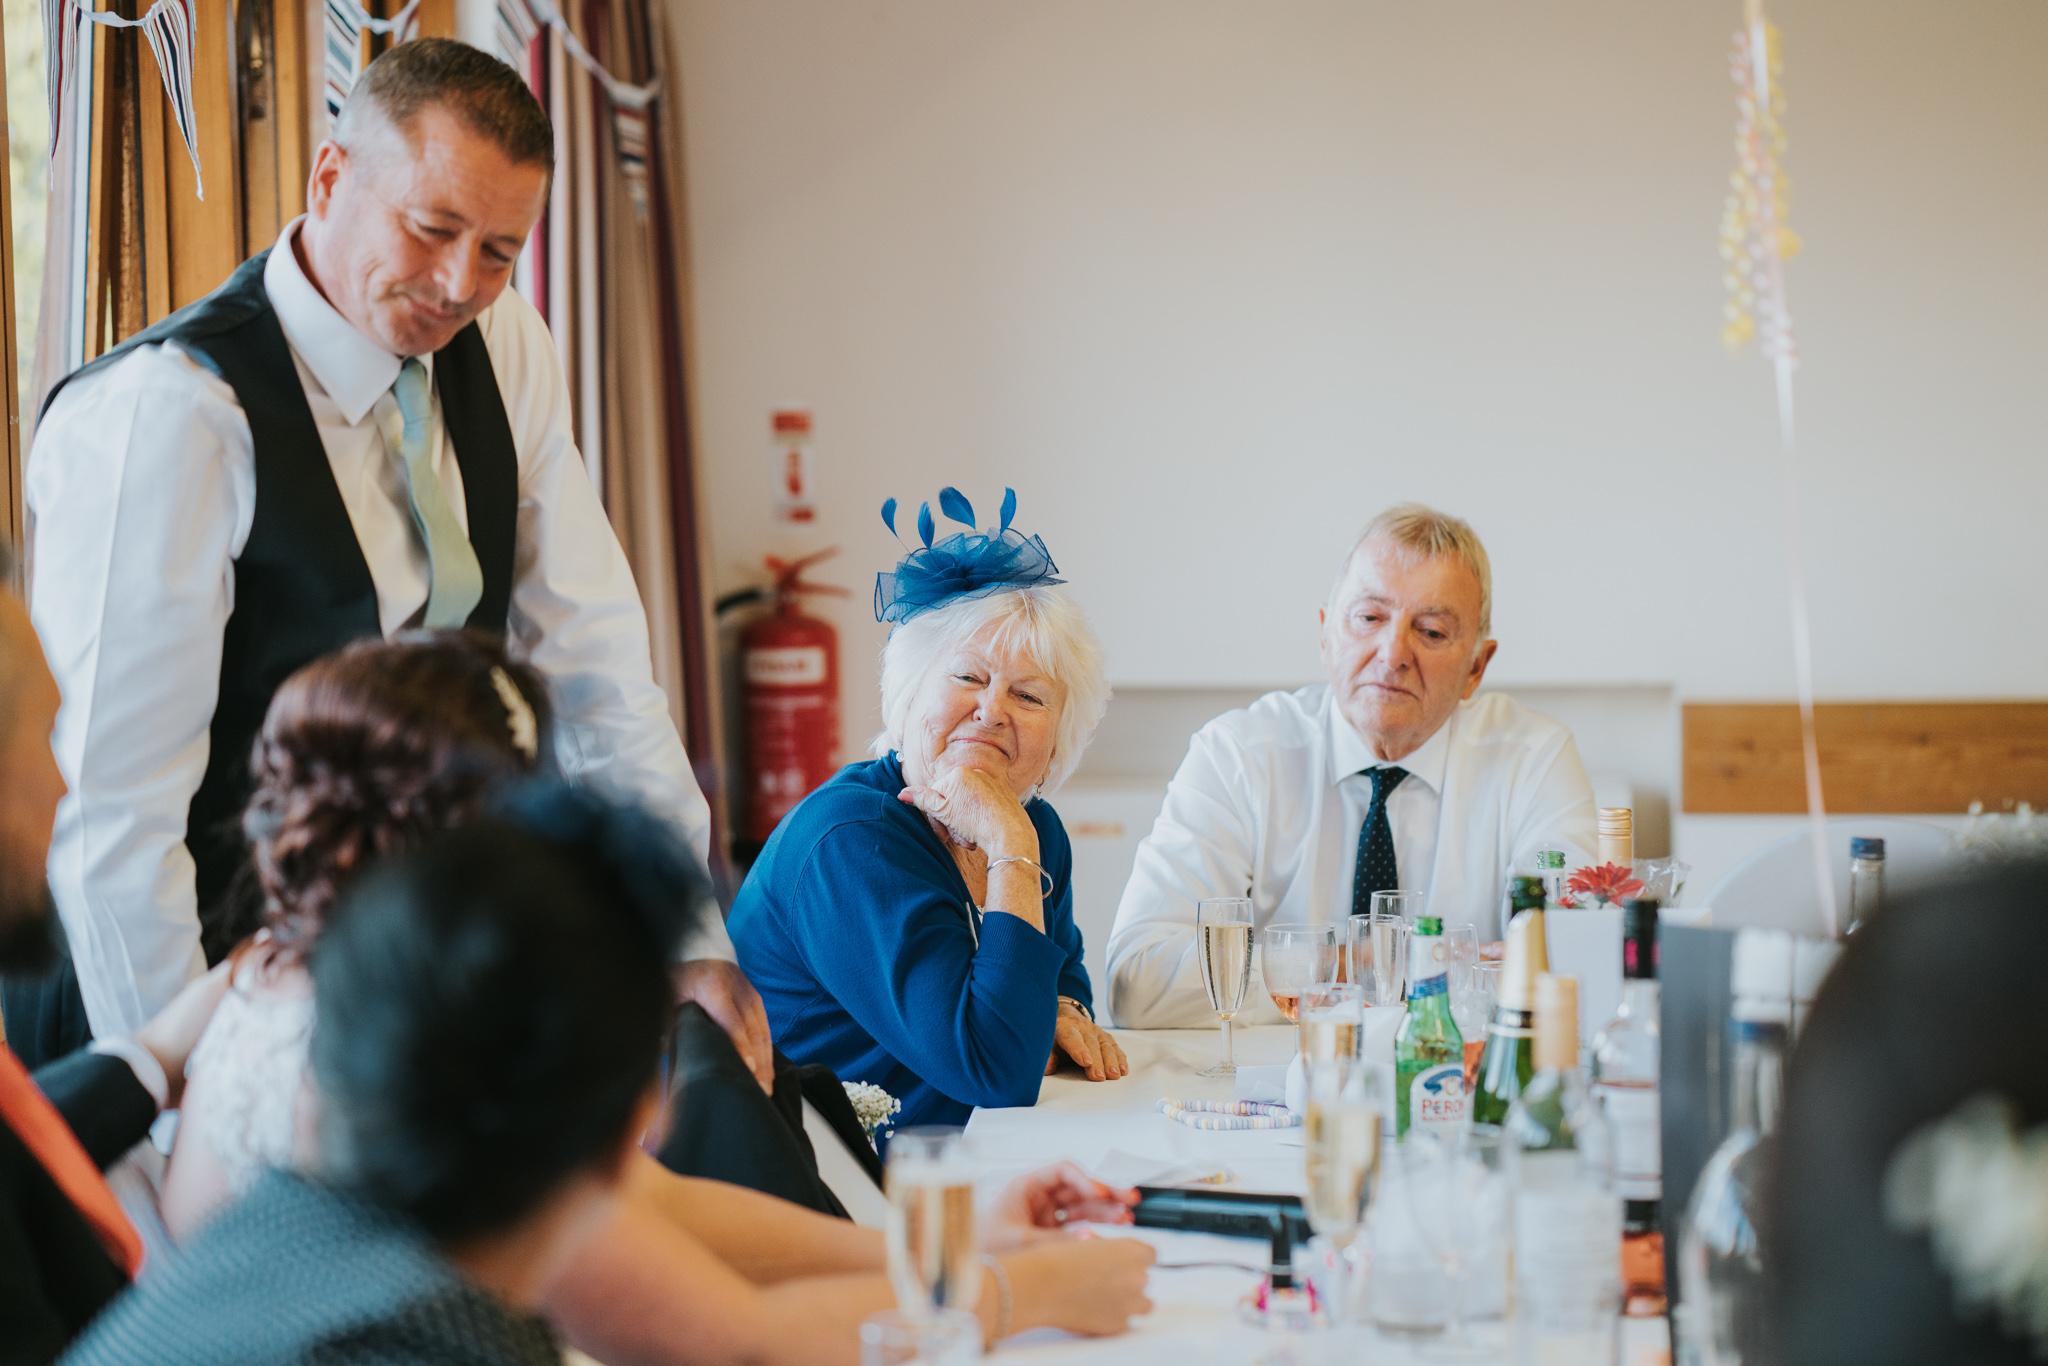 Joe-Tiffany-Colchester-Castle-Wedding-Essex-Grace-Elizabeth-Colchester-Essex-Alternative-Wedding-Photographer-Suffolk-Norfolk-Devon (96 of 122).jpg